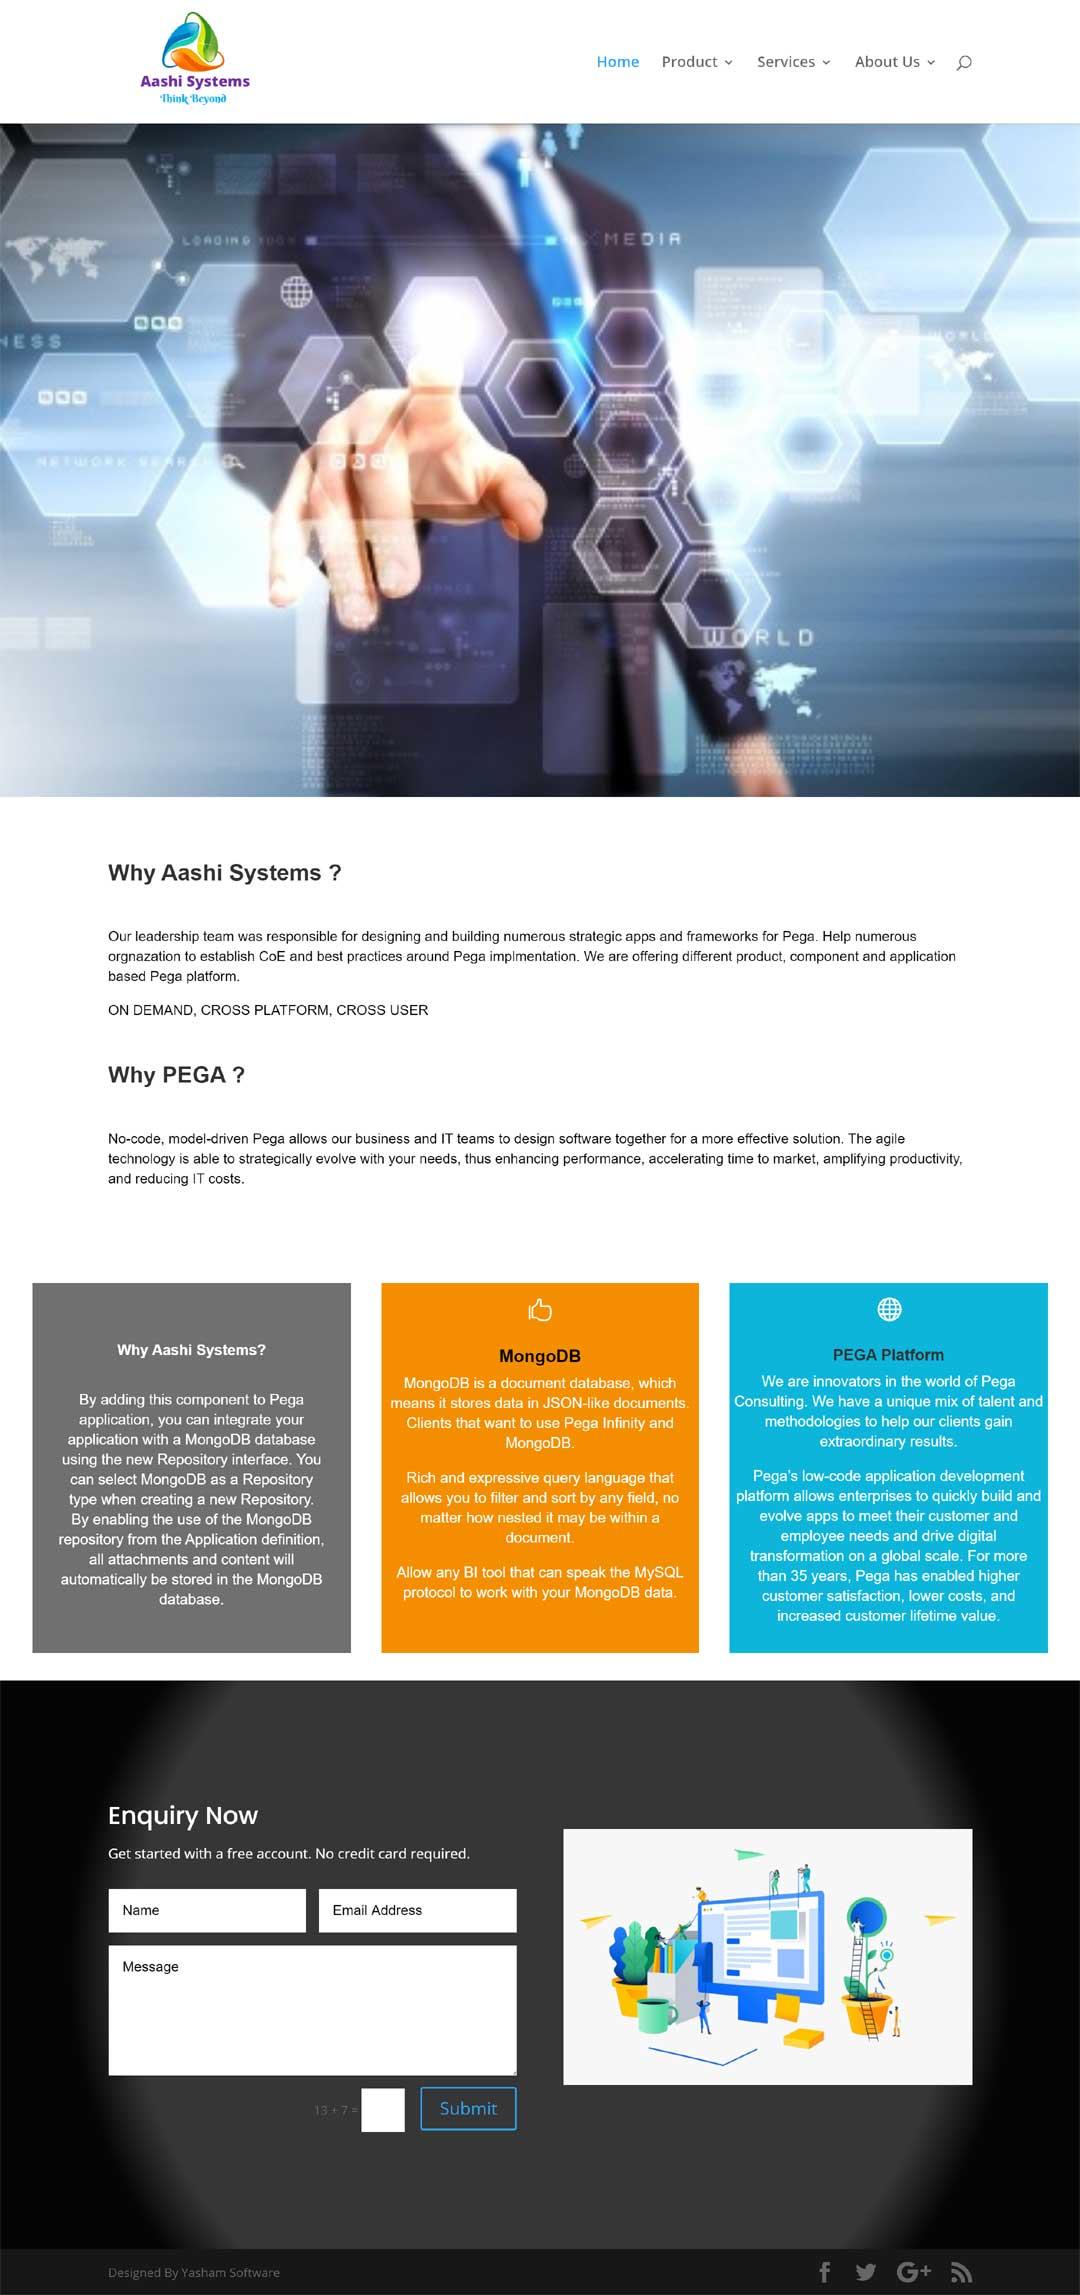 aashisystems.com